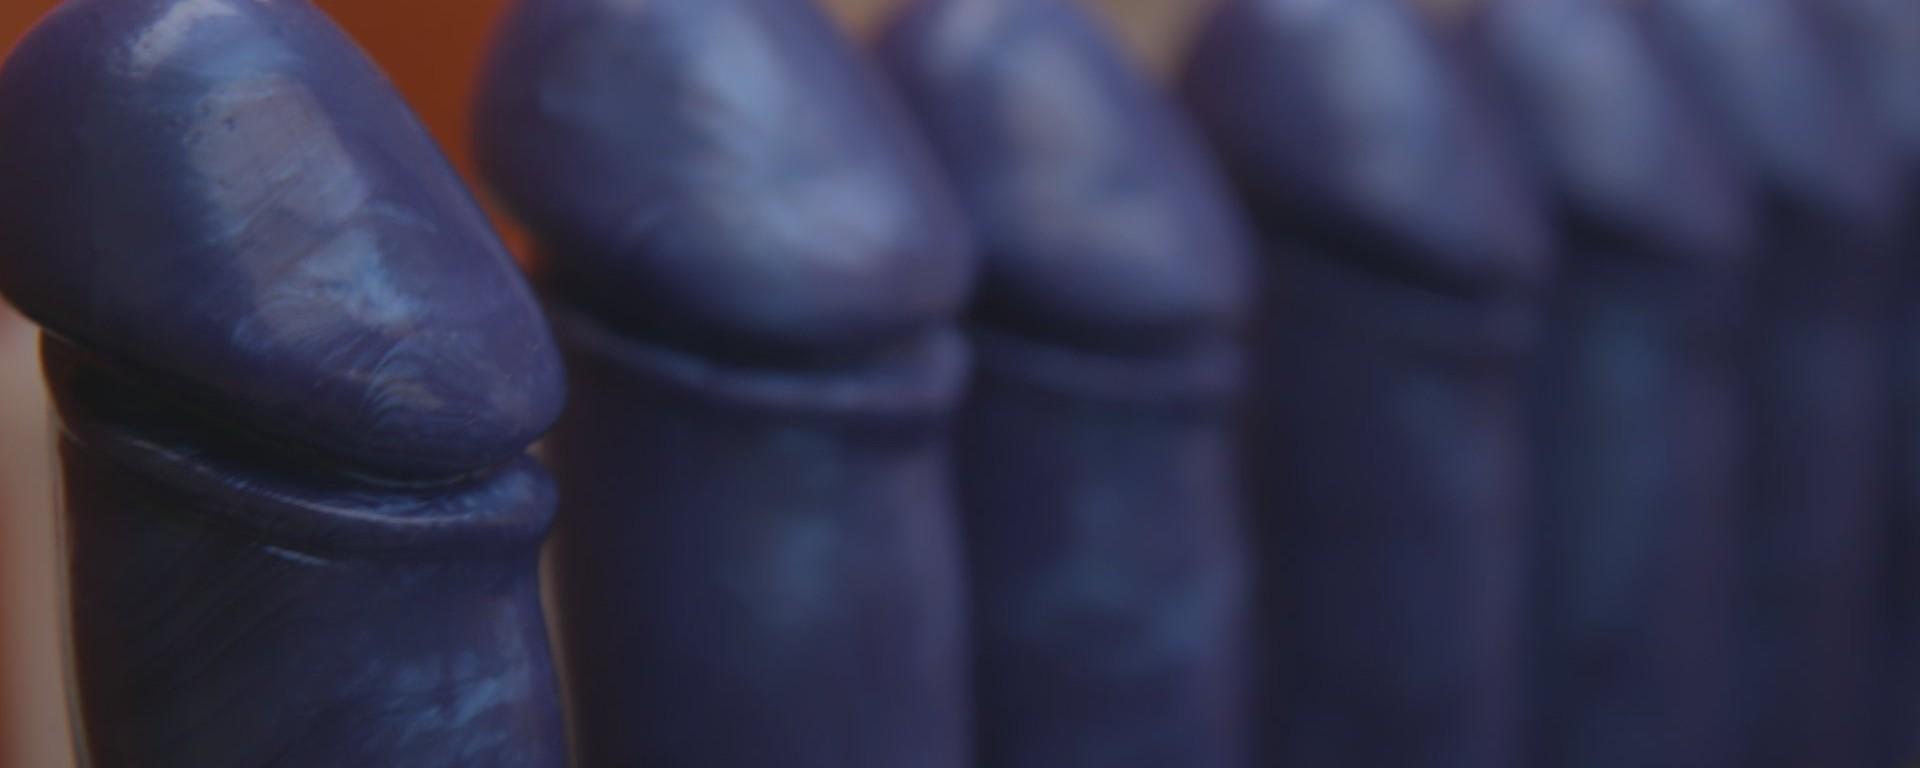 unde să construiești un penis